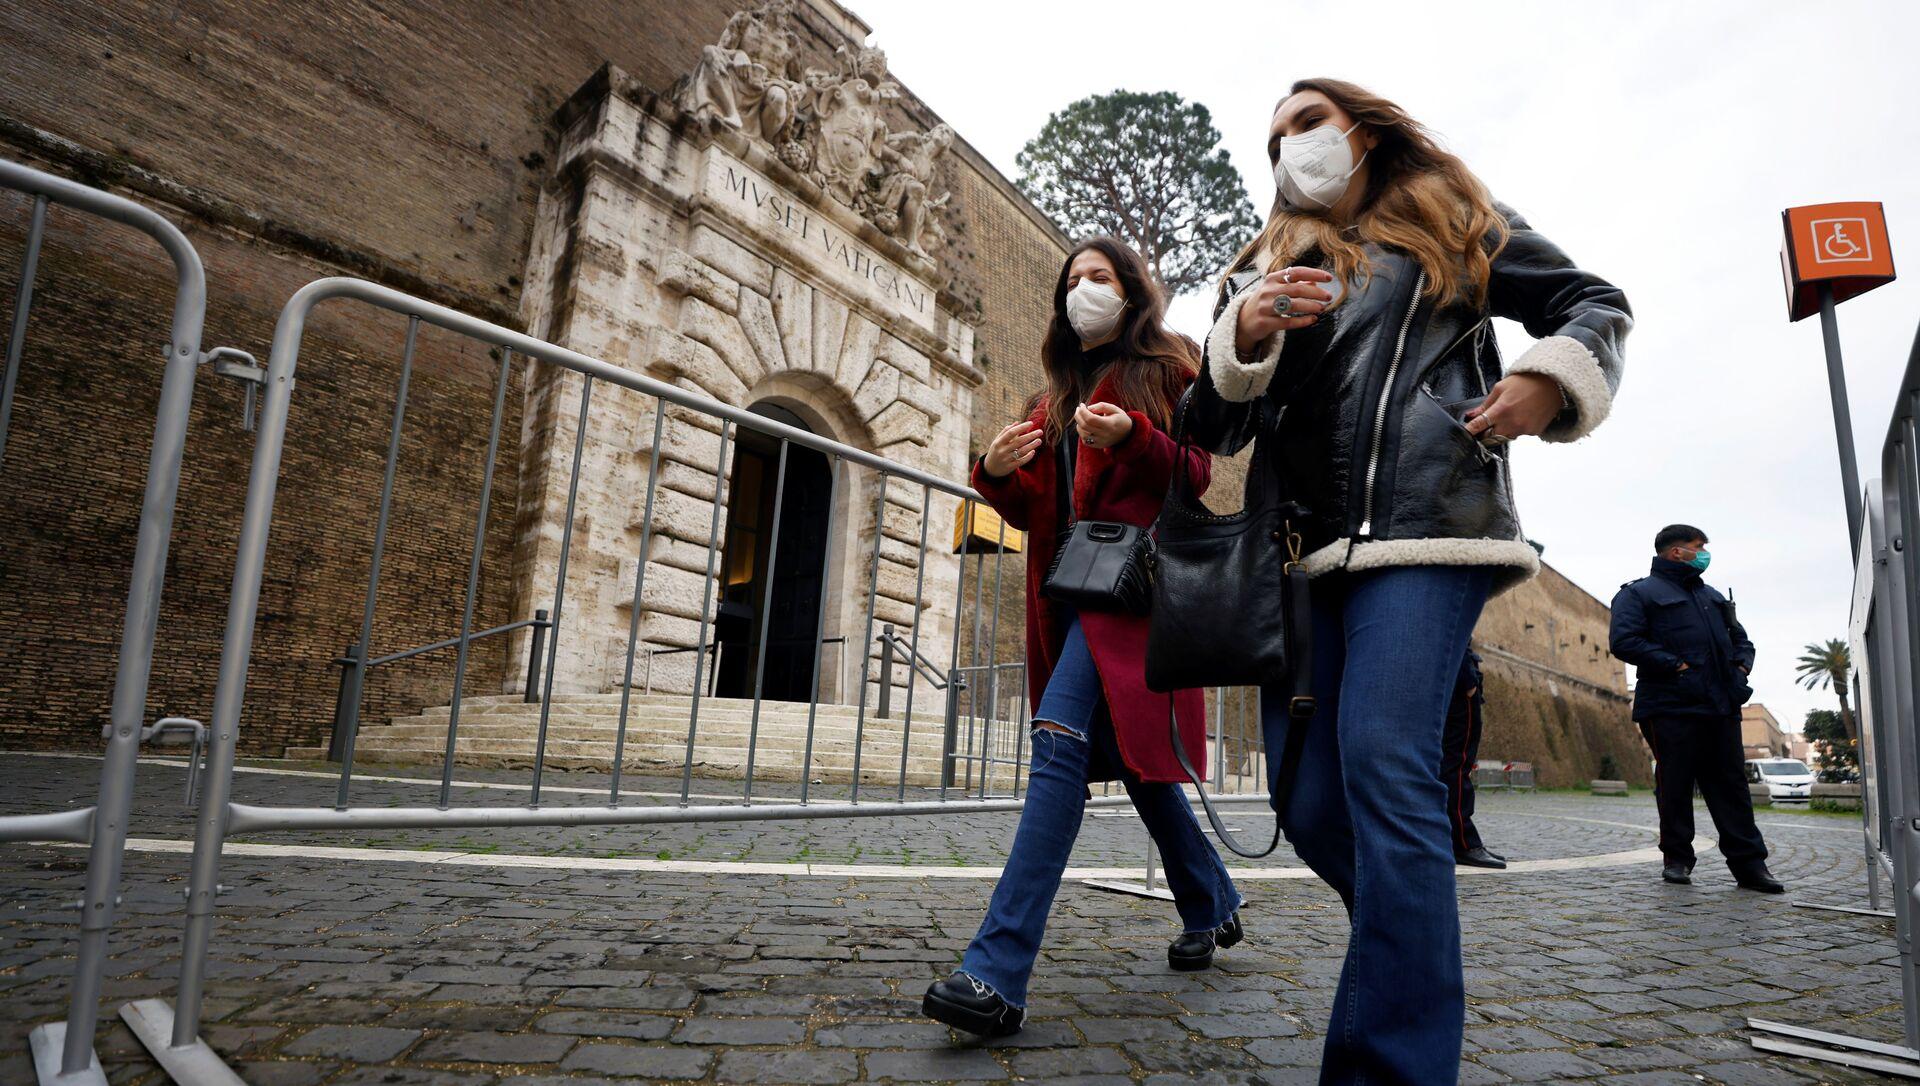 Le donne nelle mascherine protettive fanno fila per entrare nei musei vaticani, Roma - Sputnik Italia, 1920, 22.02.2021